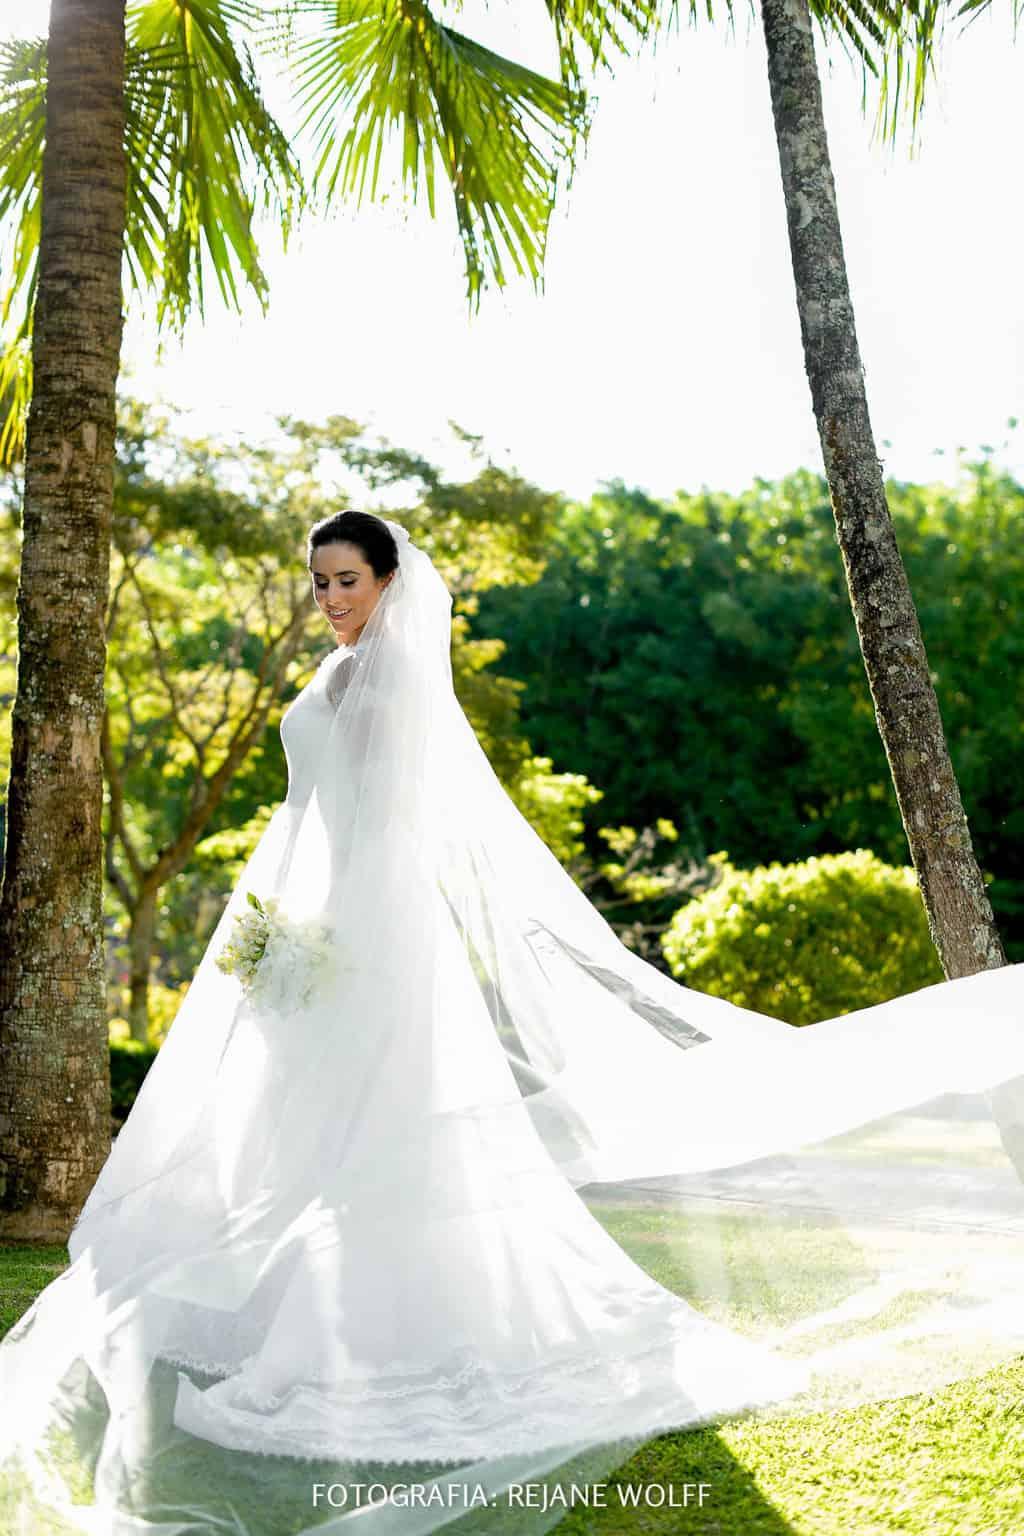 Casamento-Verane-e-Bruno-fotografia-Rejane-Wolff-hora-do-buque-Rej-Terras-de-Clara5